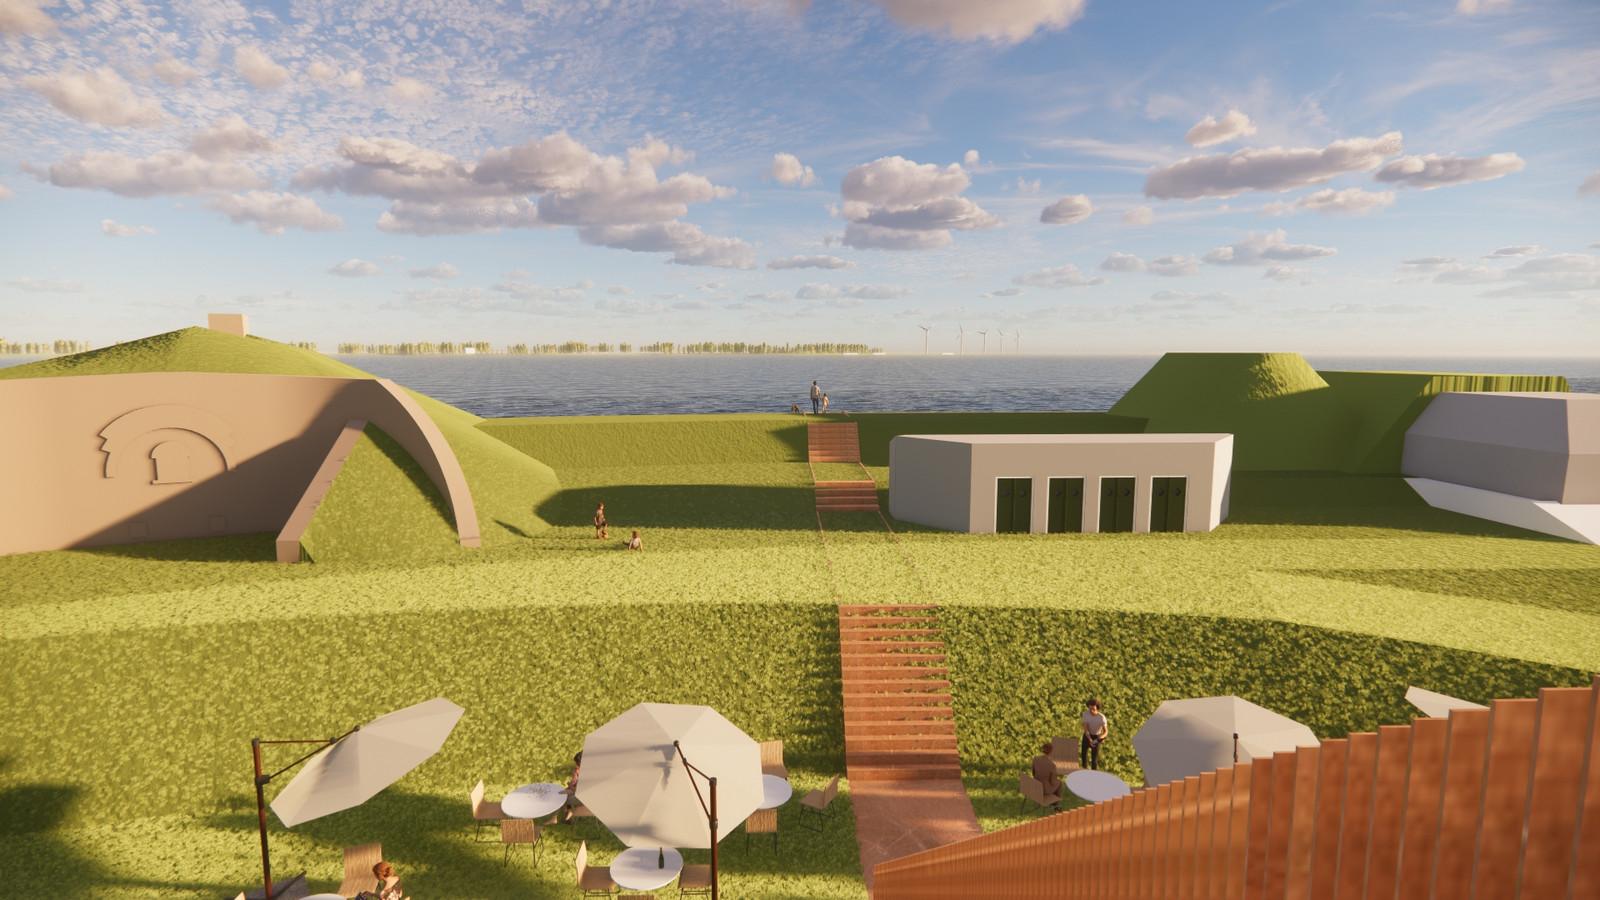 Sfeerimpressie plannen Fort Buitensluis: achterzijde fort met nieuw terras.